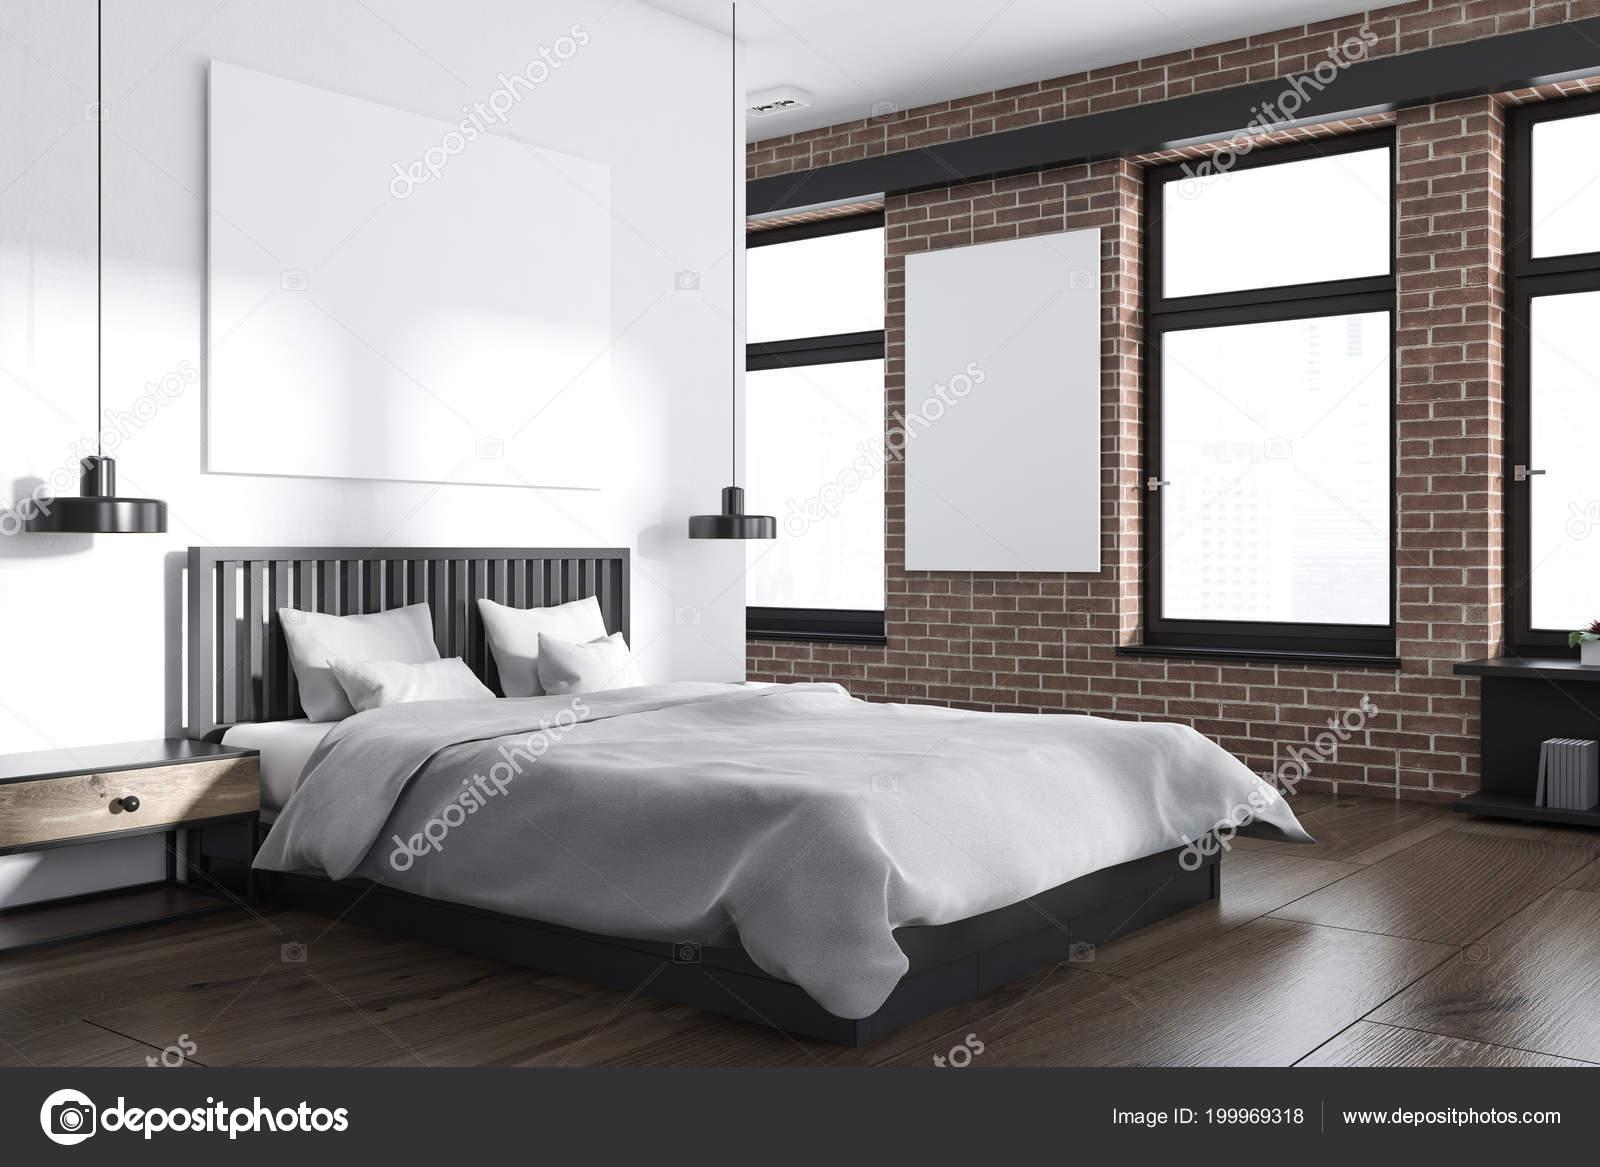 Moderne Slaapkamer Wit.Hoek Van Moderne Slaapkamer Met Wit Bakstenen Muren Een